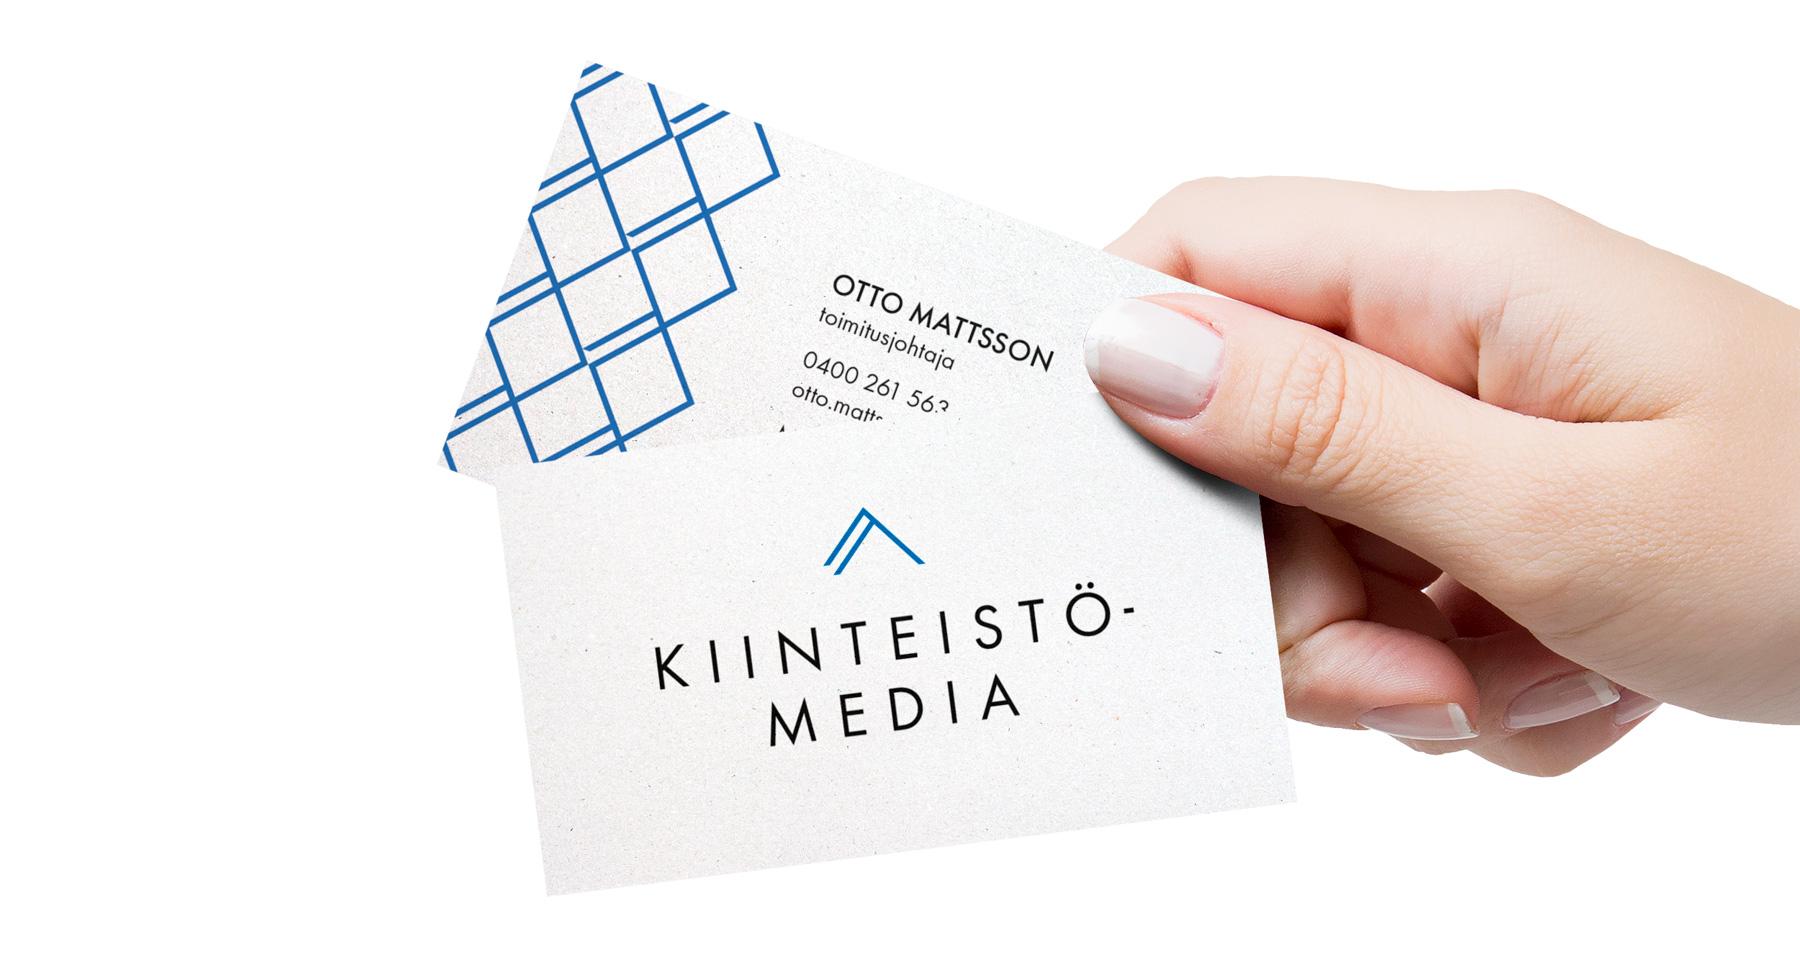 Kiinteistömedia käyntikortti